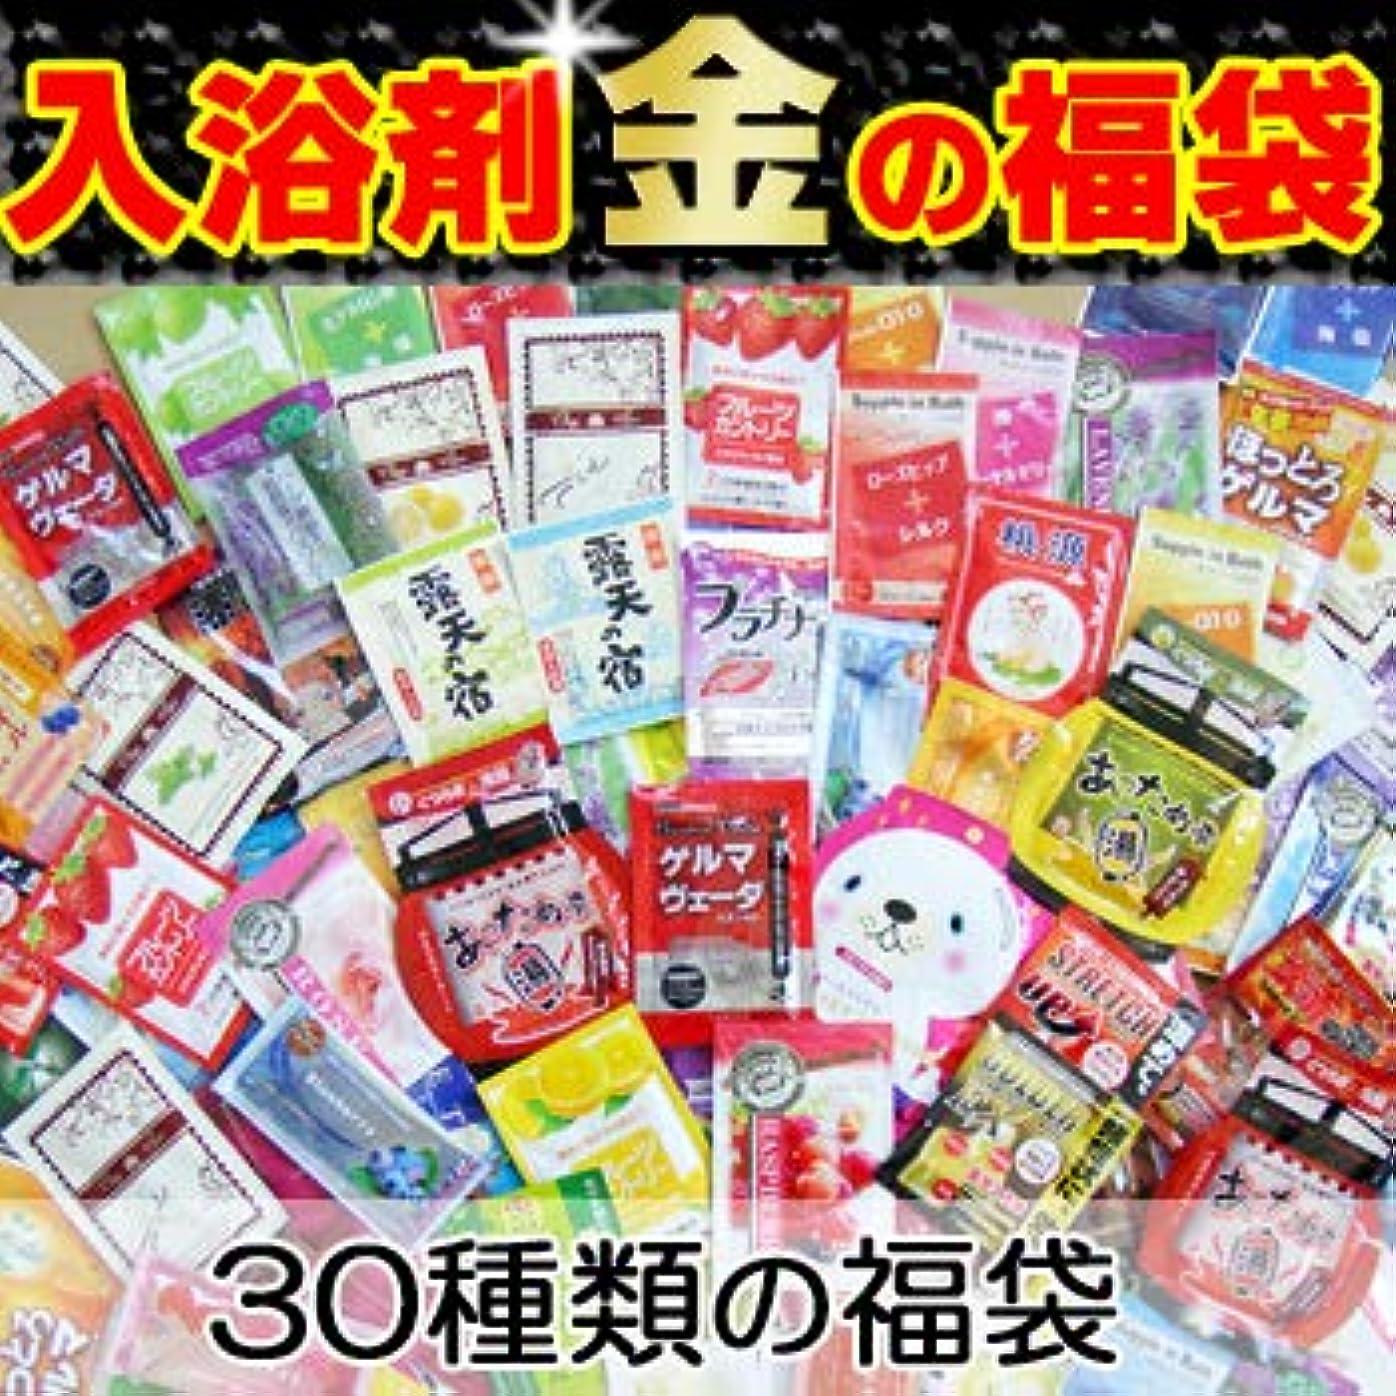 からかう徹底頼るお試し入浴剤 金の福袋30種類!30日分 入浴剤福袋 安心の日本製!